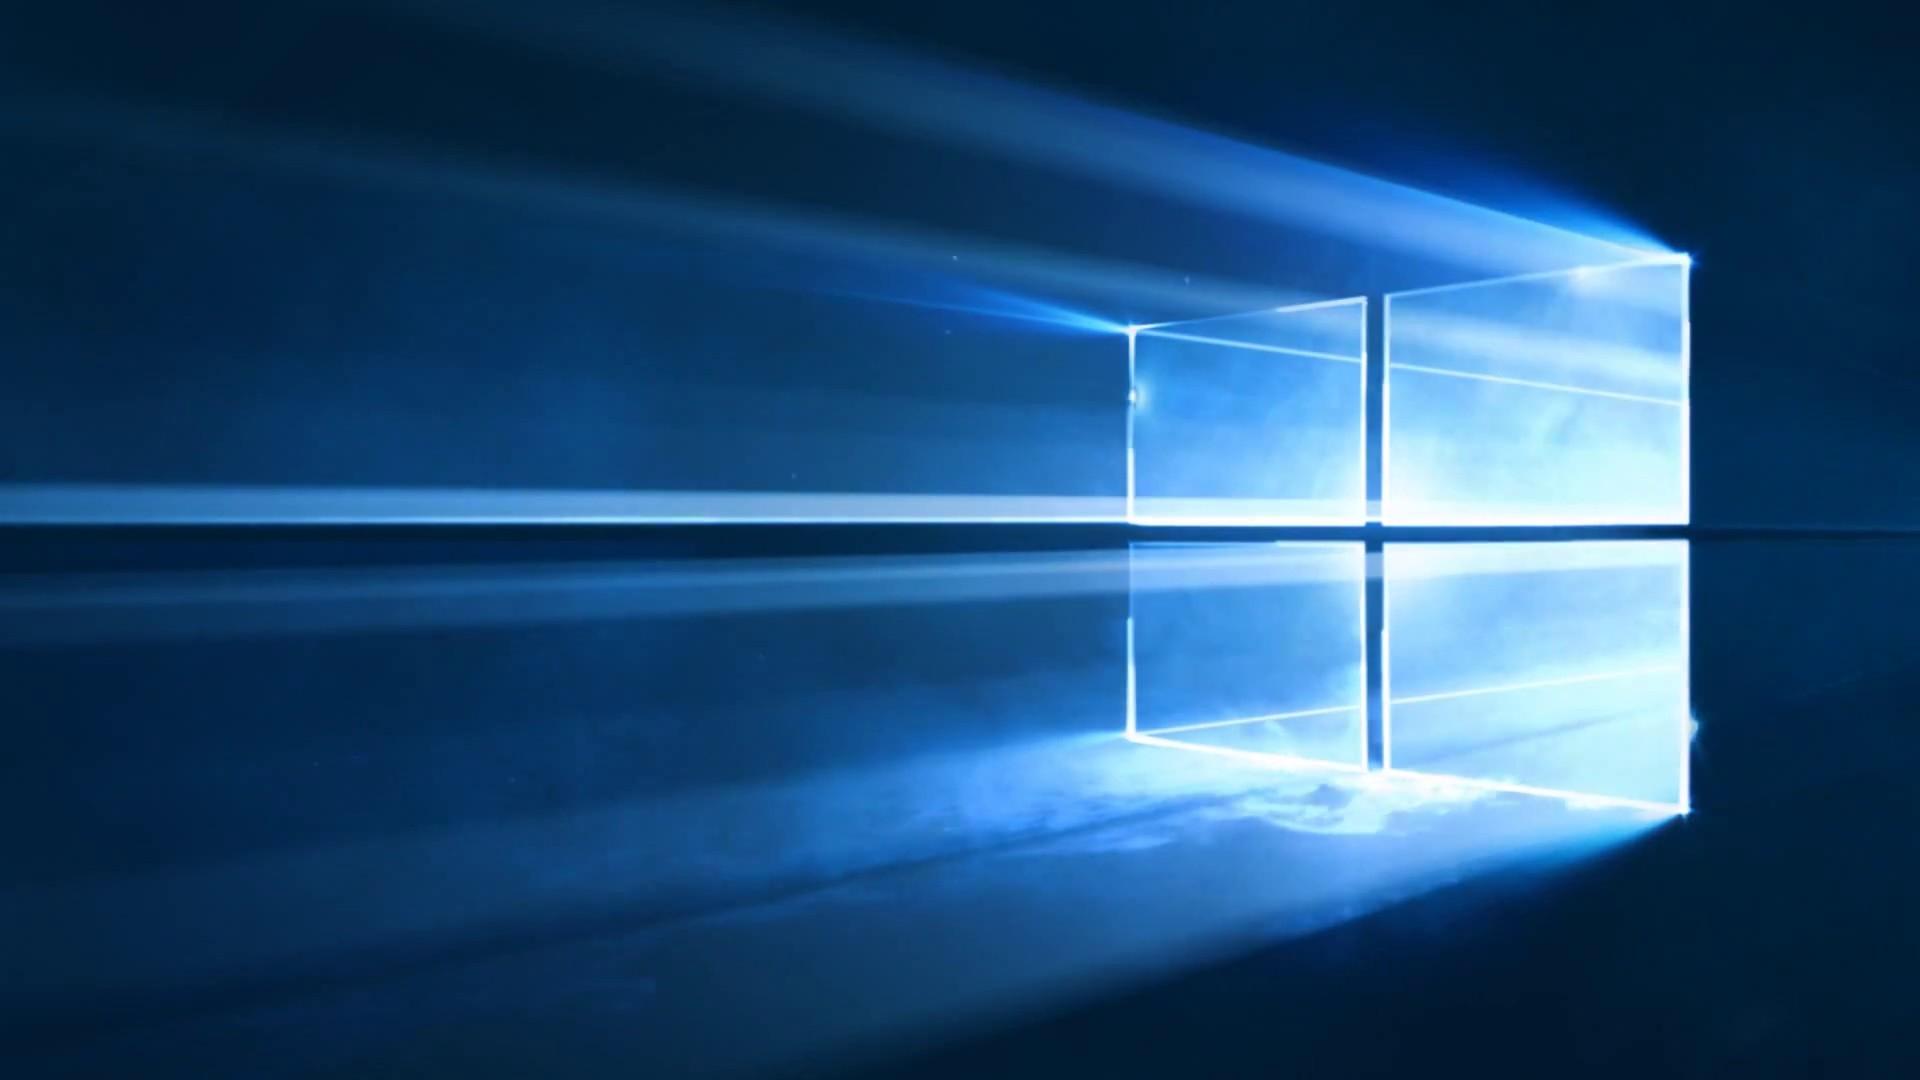 0-day уязвимость в Windows использовалась группой FruityArmor для целевых атак